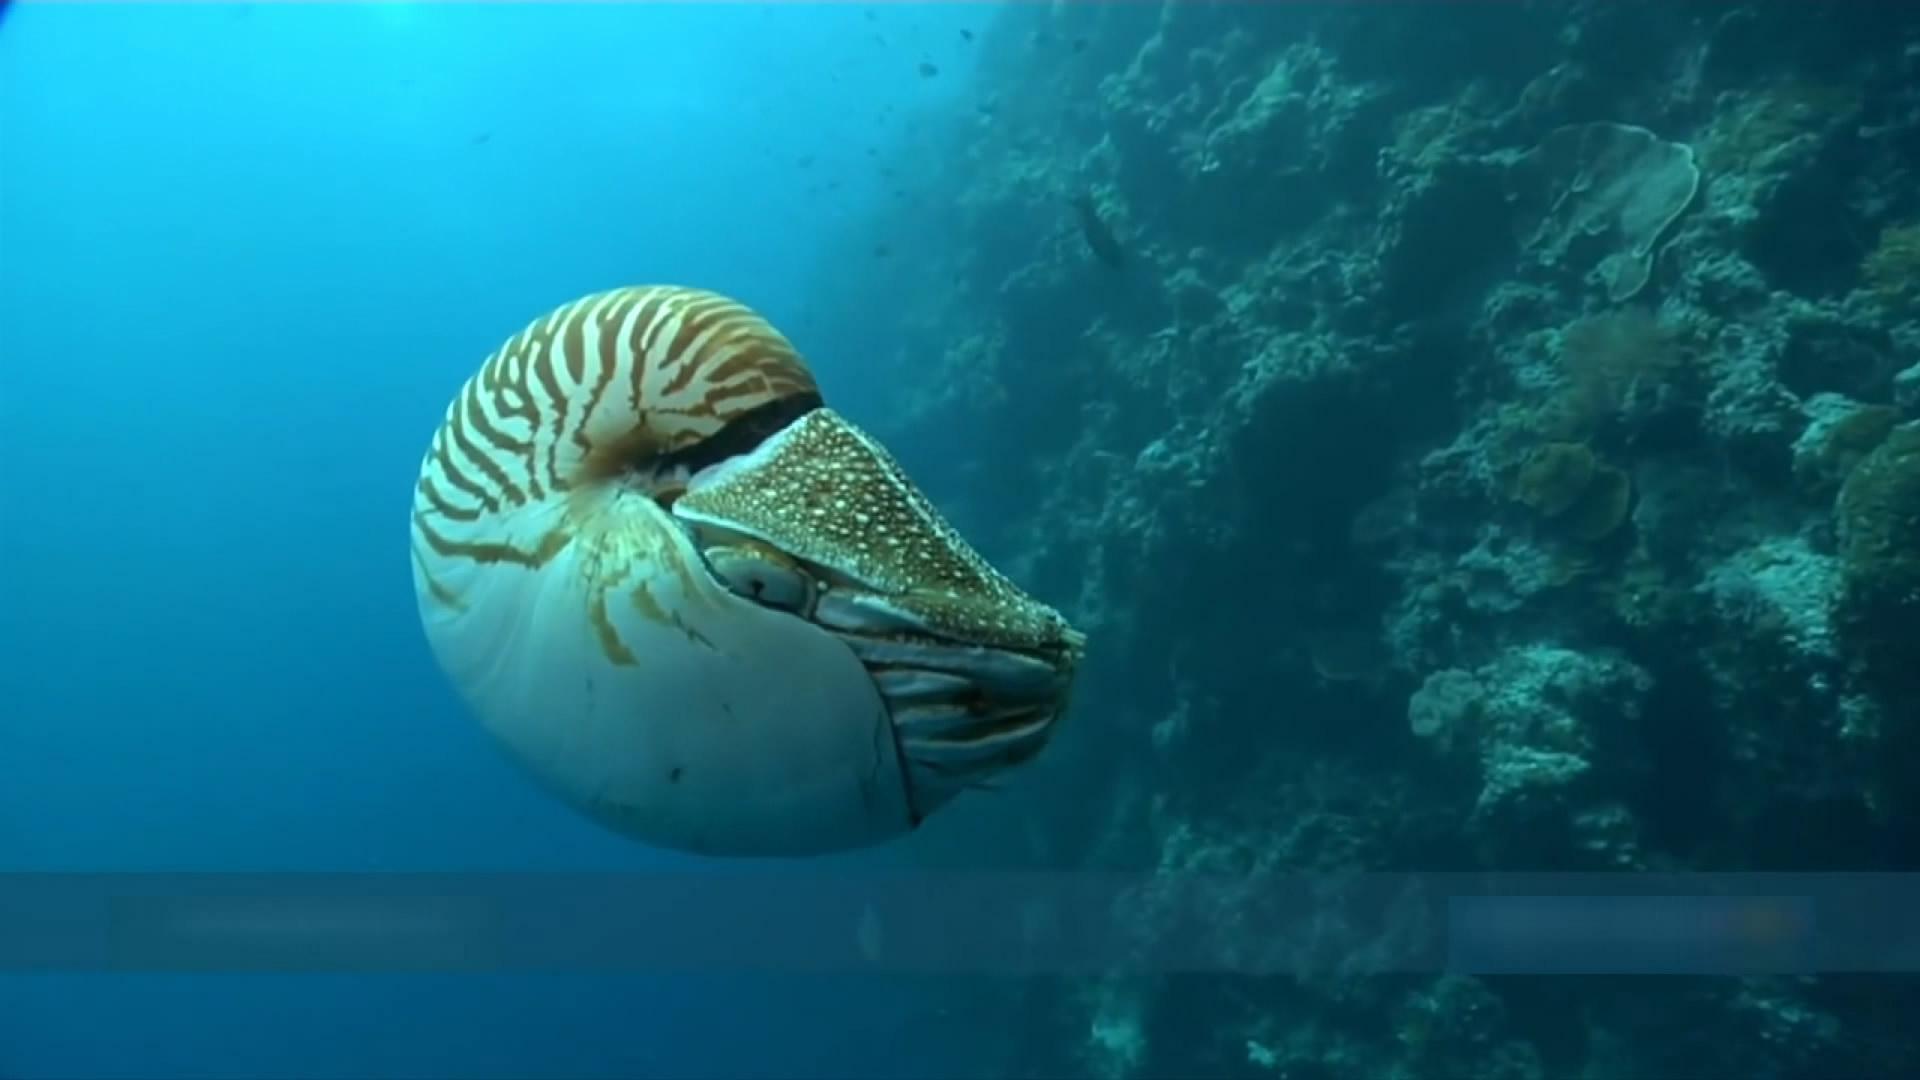 比恐龙更古老的活化石 远古海洋生物鹦鹉螺